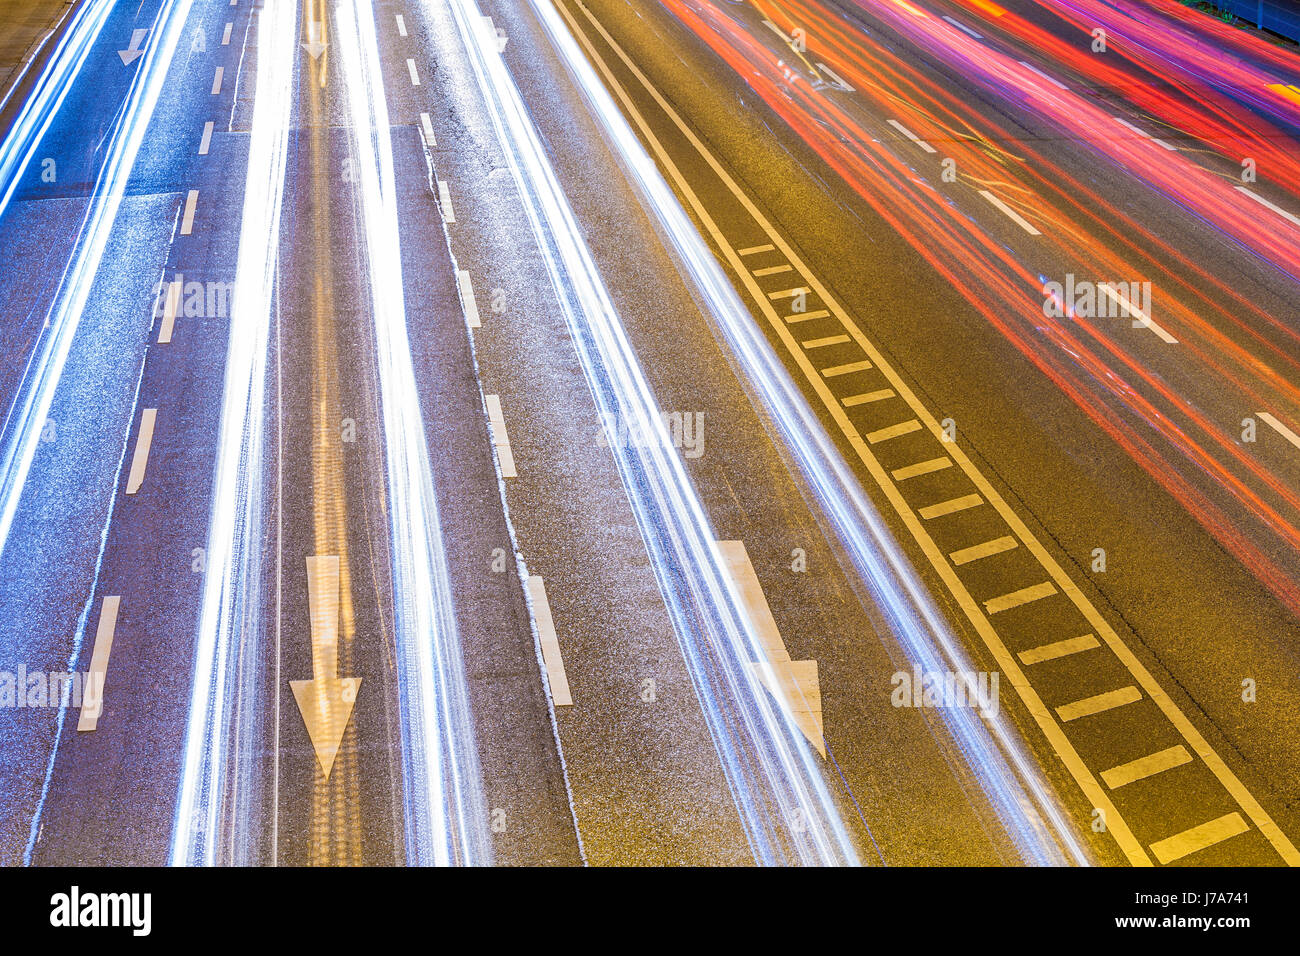 Deutschland, Baden-Württemberg, Stuttgart, B14, Bundesstraße, Lichtspuren bei Nacht, Pfeile, Verkehr, - Stock Image